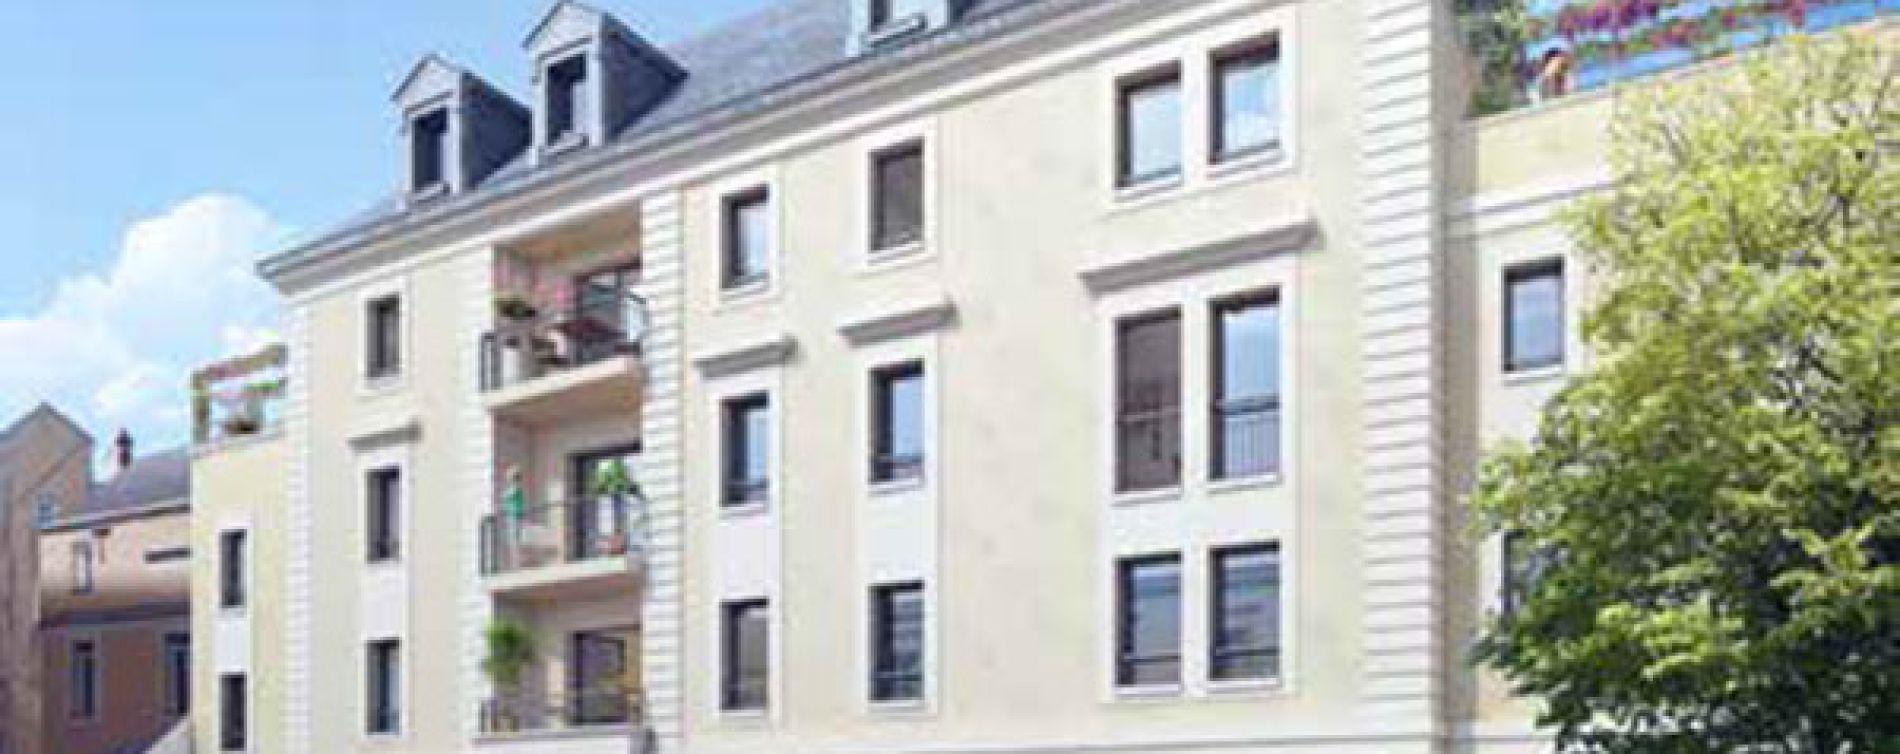 Résidence 34 Rue des Arènes à Angers